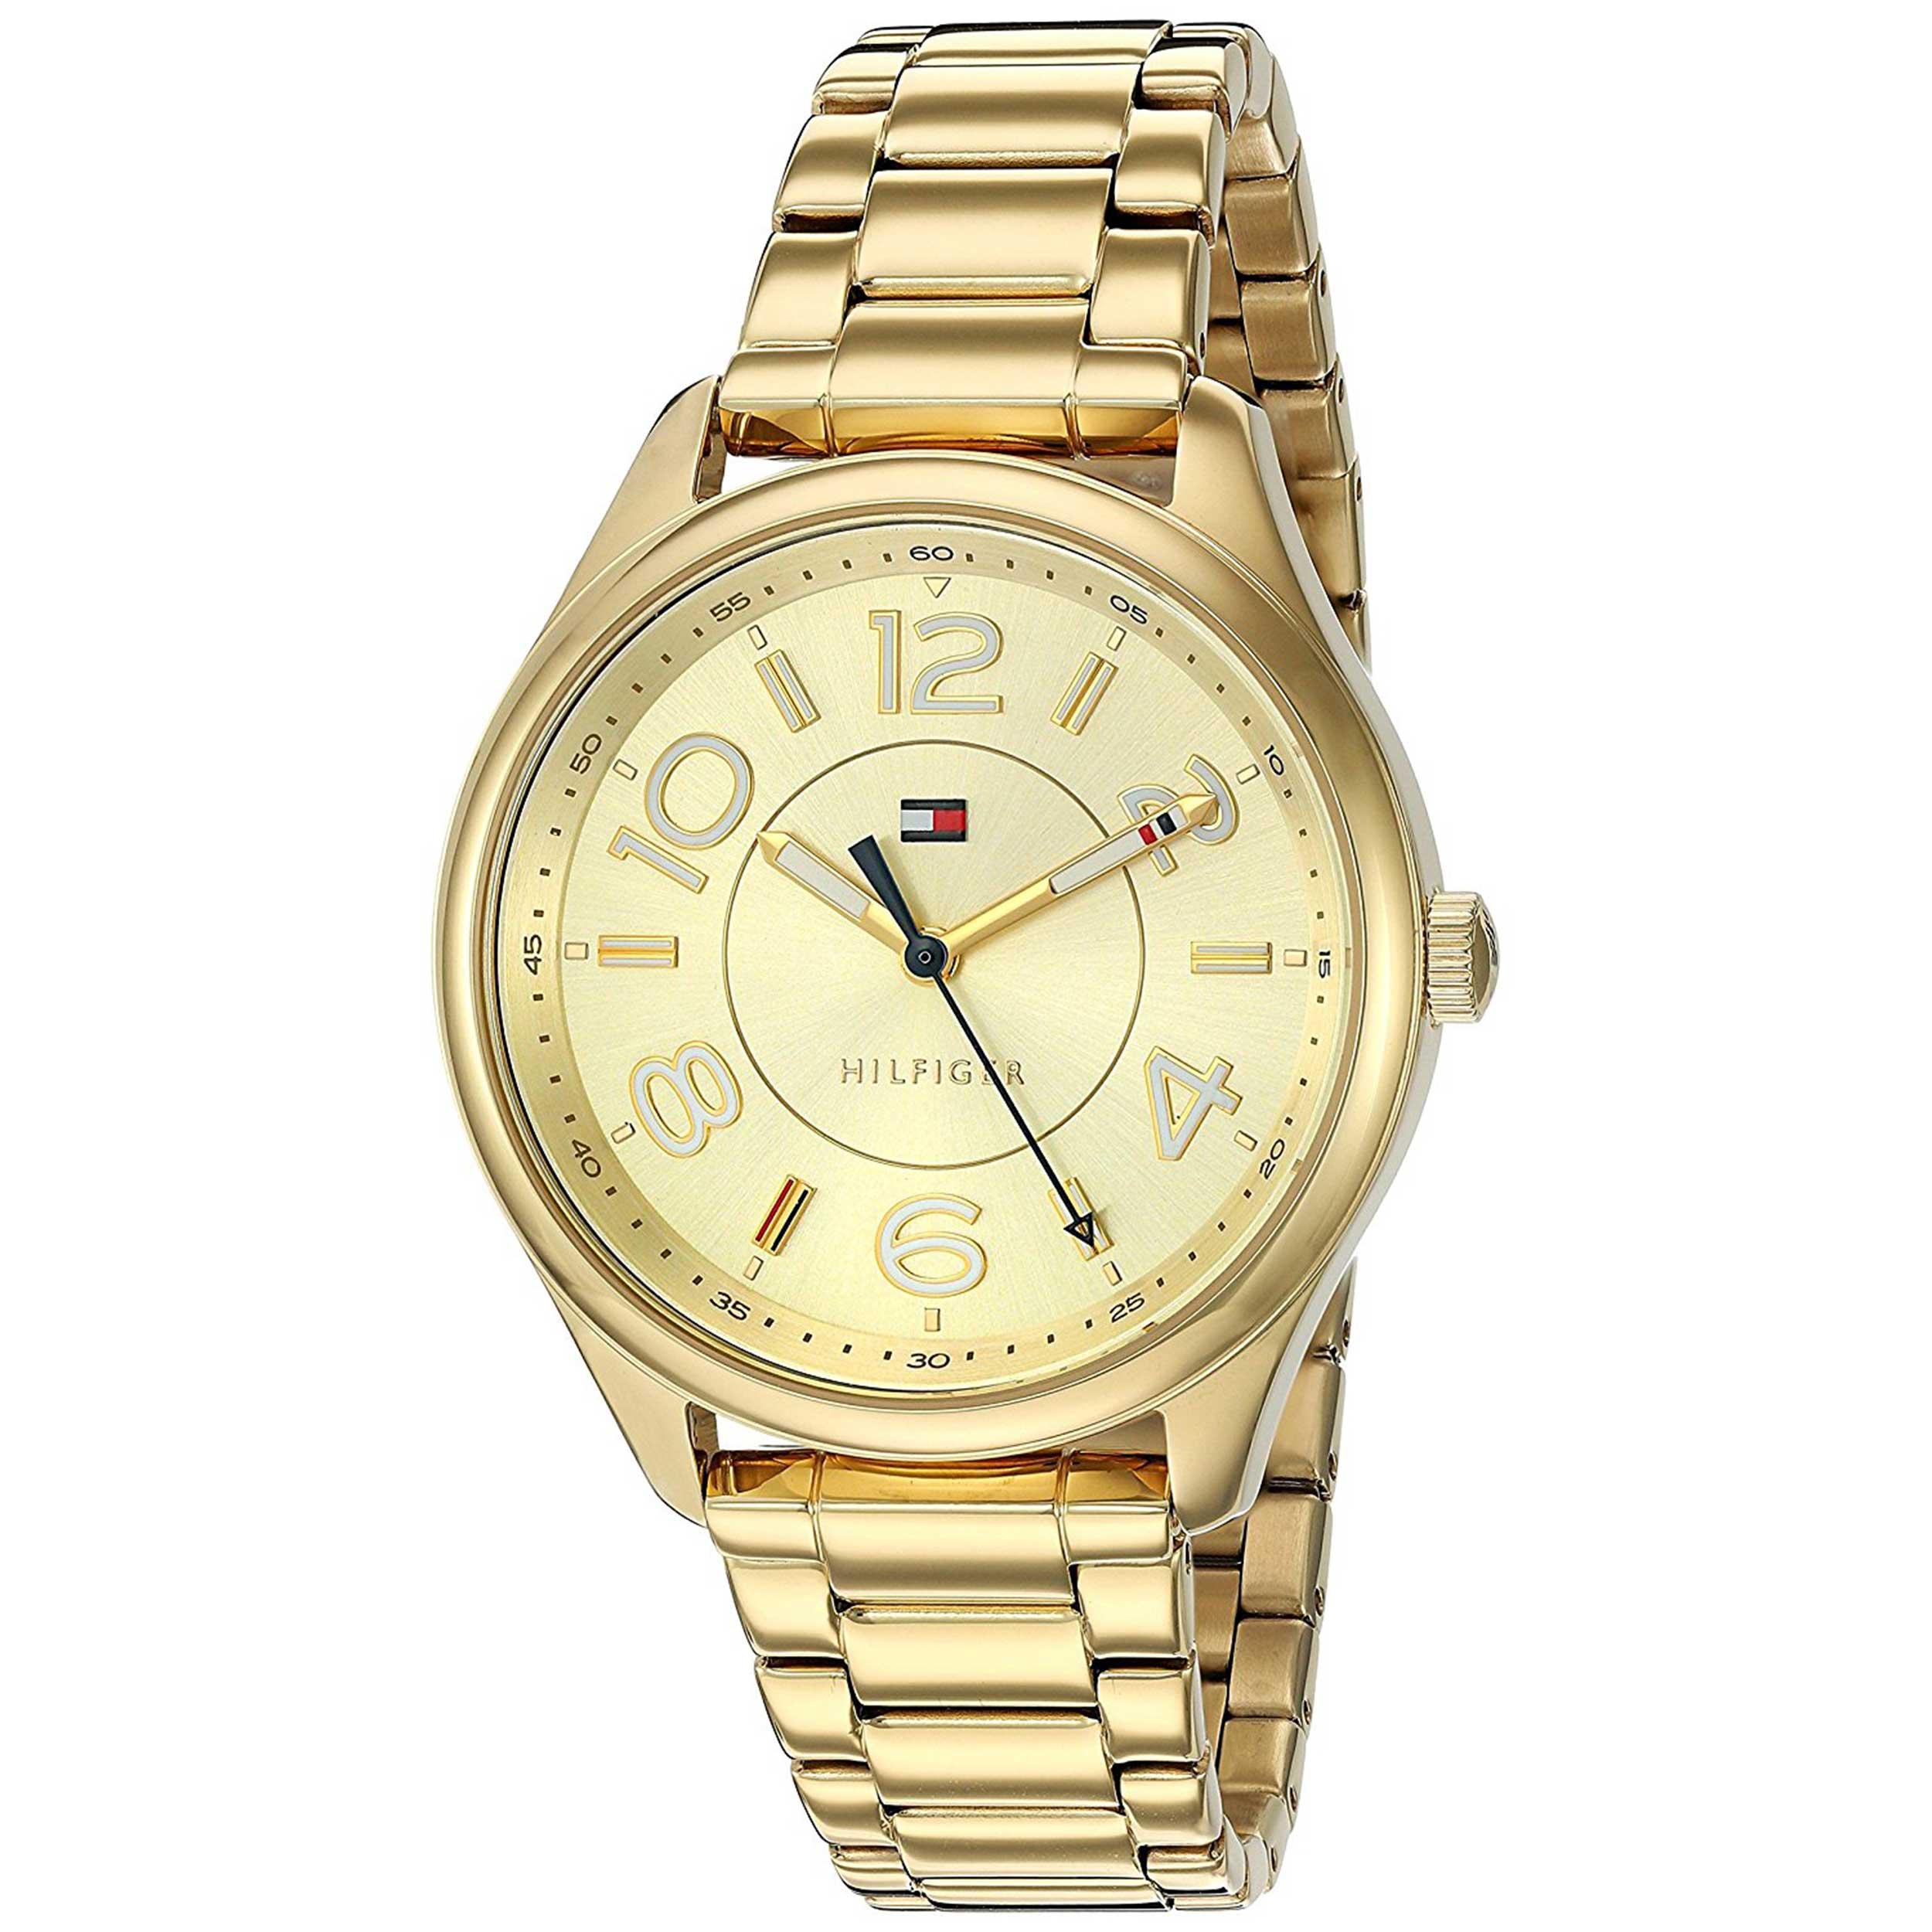 ساعت مچی عقربه ای زنانه تامی هیلفیگر مدل 1781673